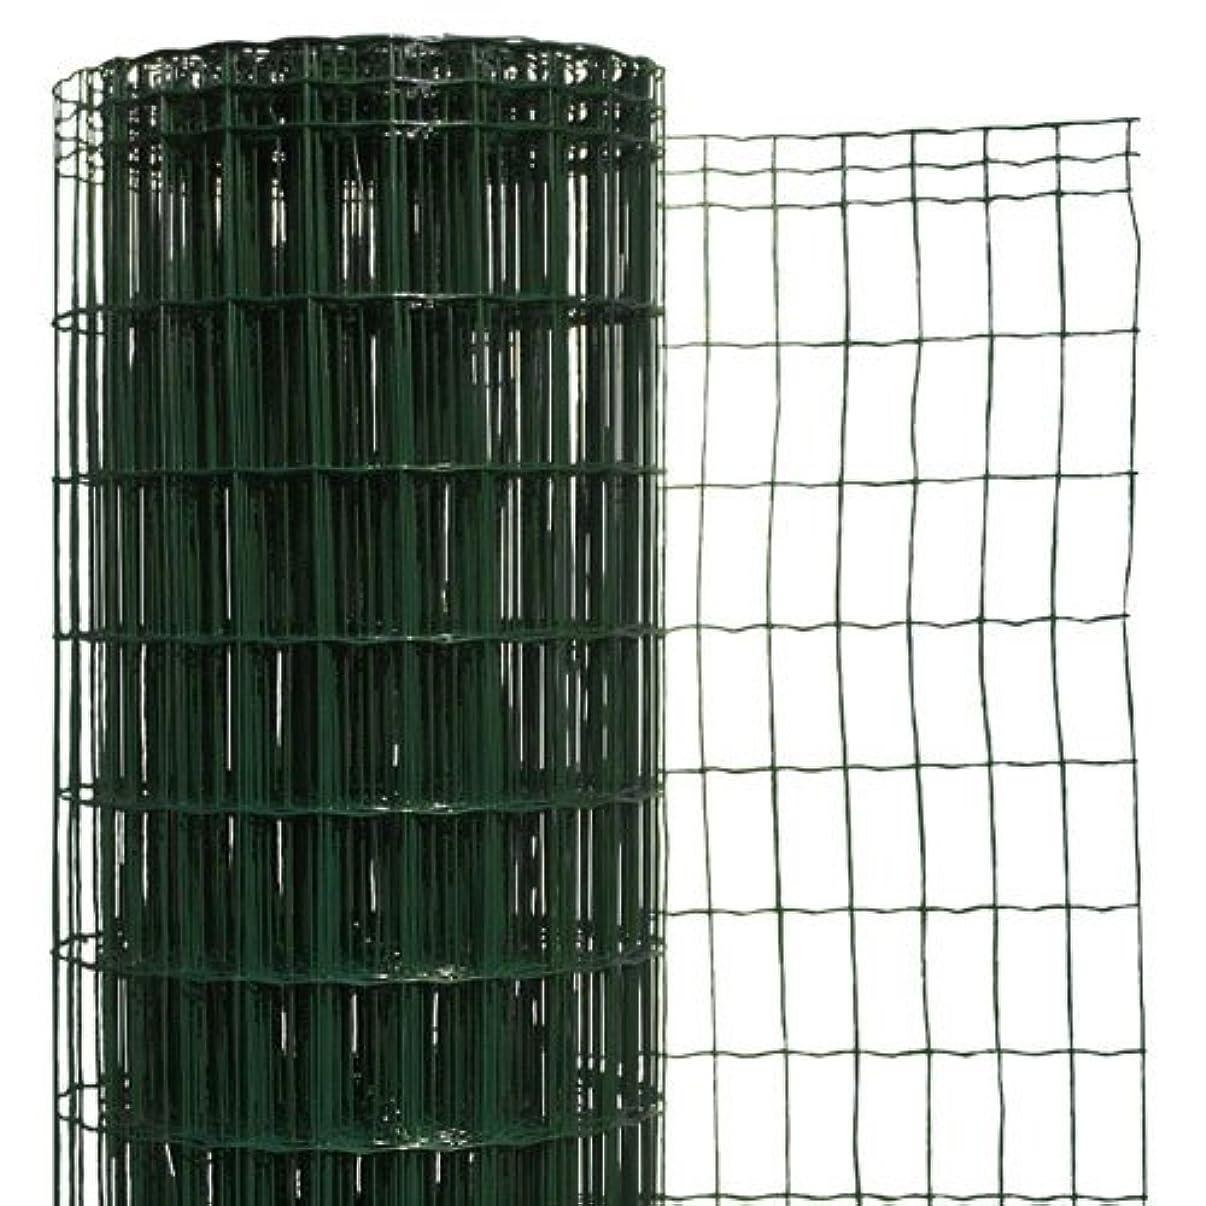 対象大胆火傷簡単金網フェンス?改良型 1500用ネット 【高さ:1.5m?長さ:20m?防錆処理+PVC加工】